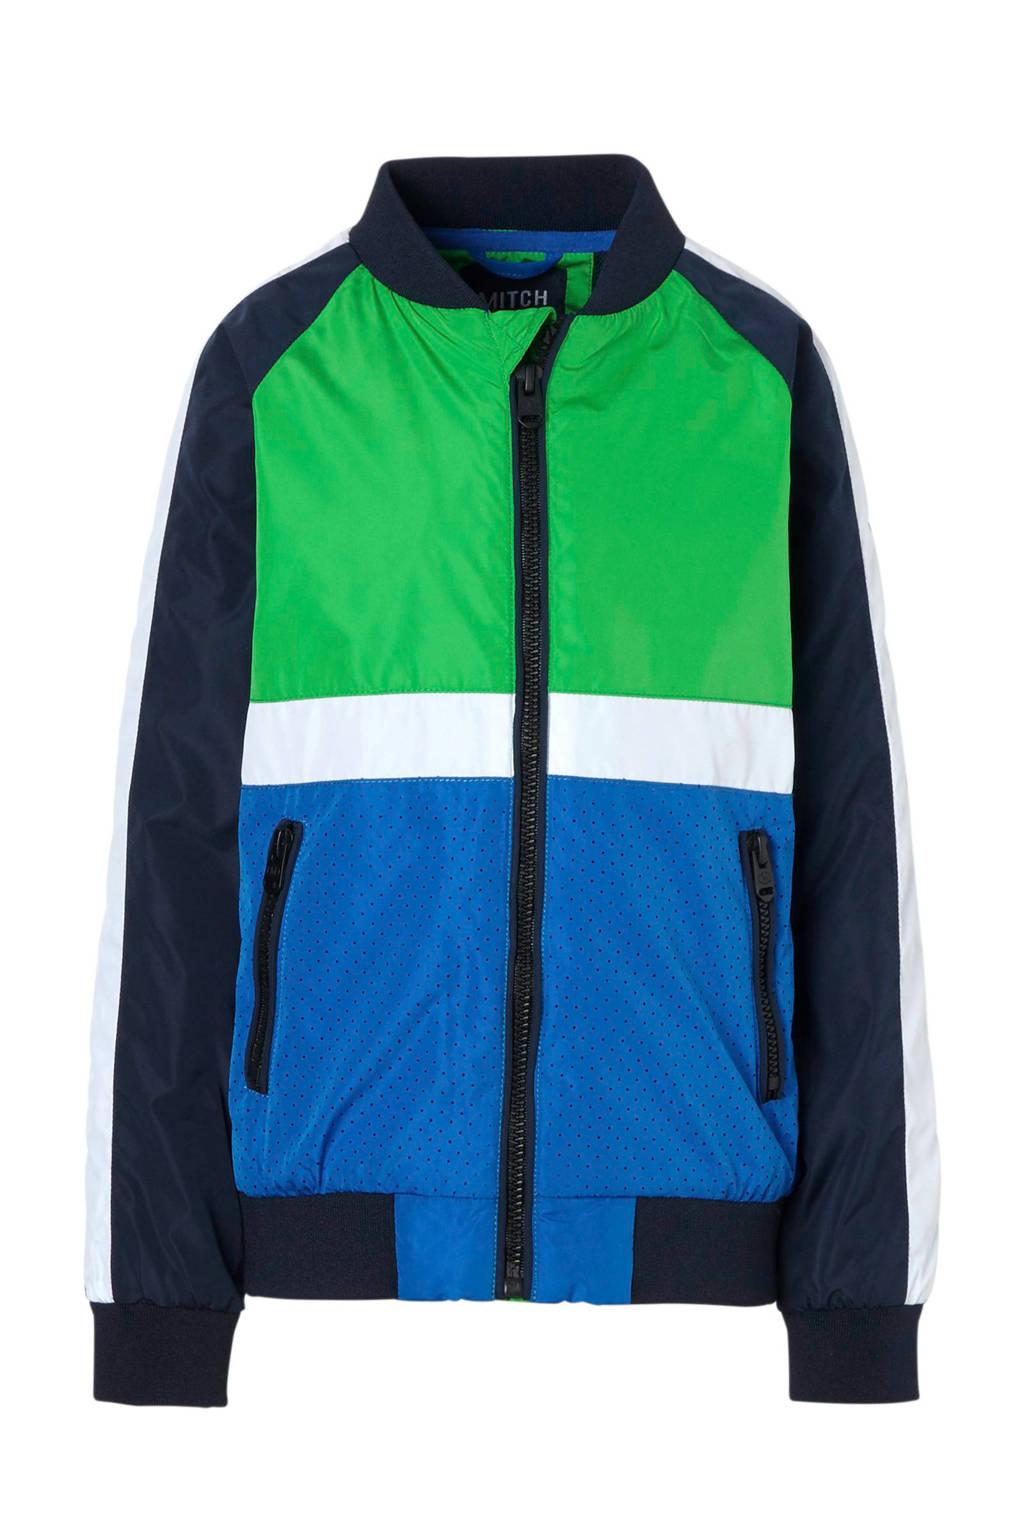 Mitch bomberjack Gommy, Donkerblauw/ blauw/ groen/ wit